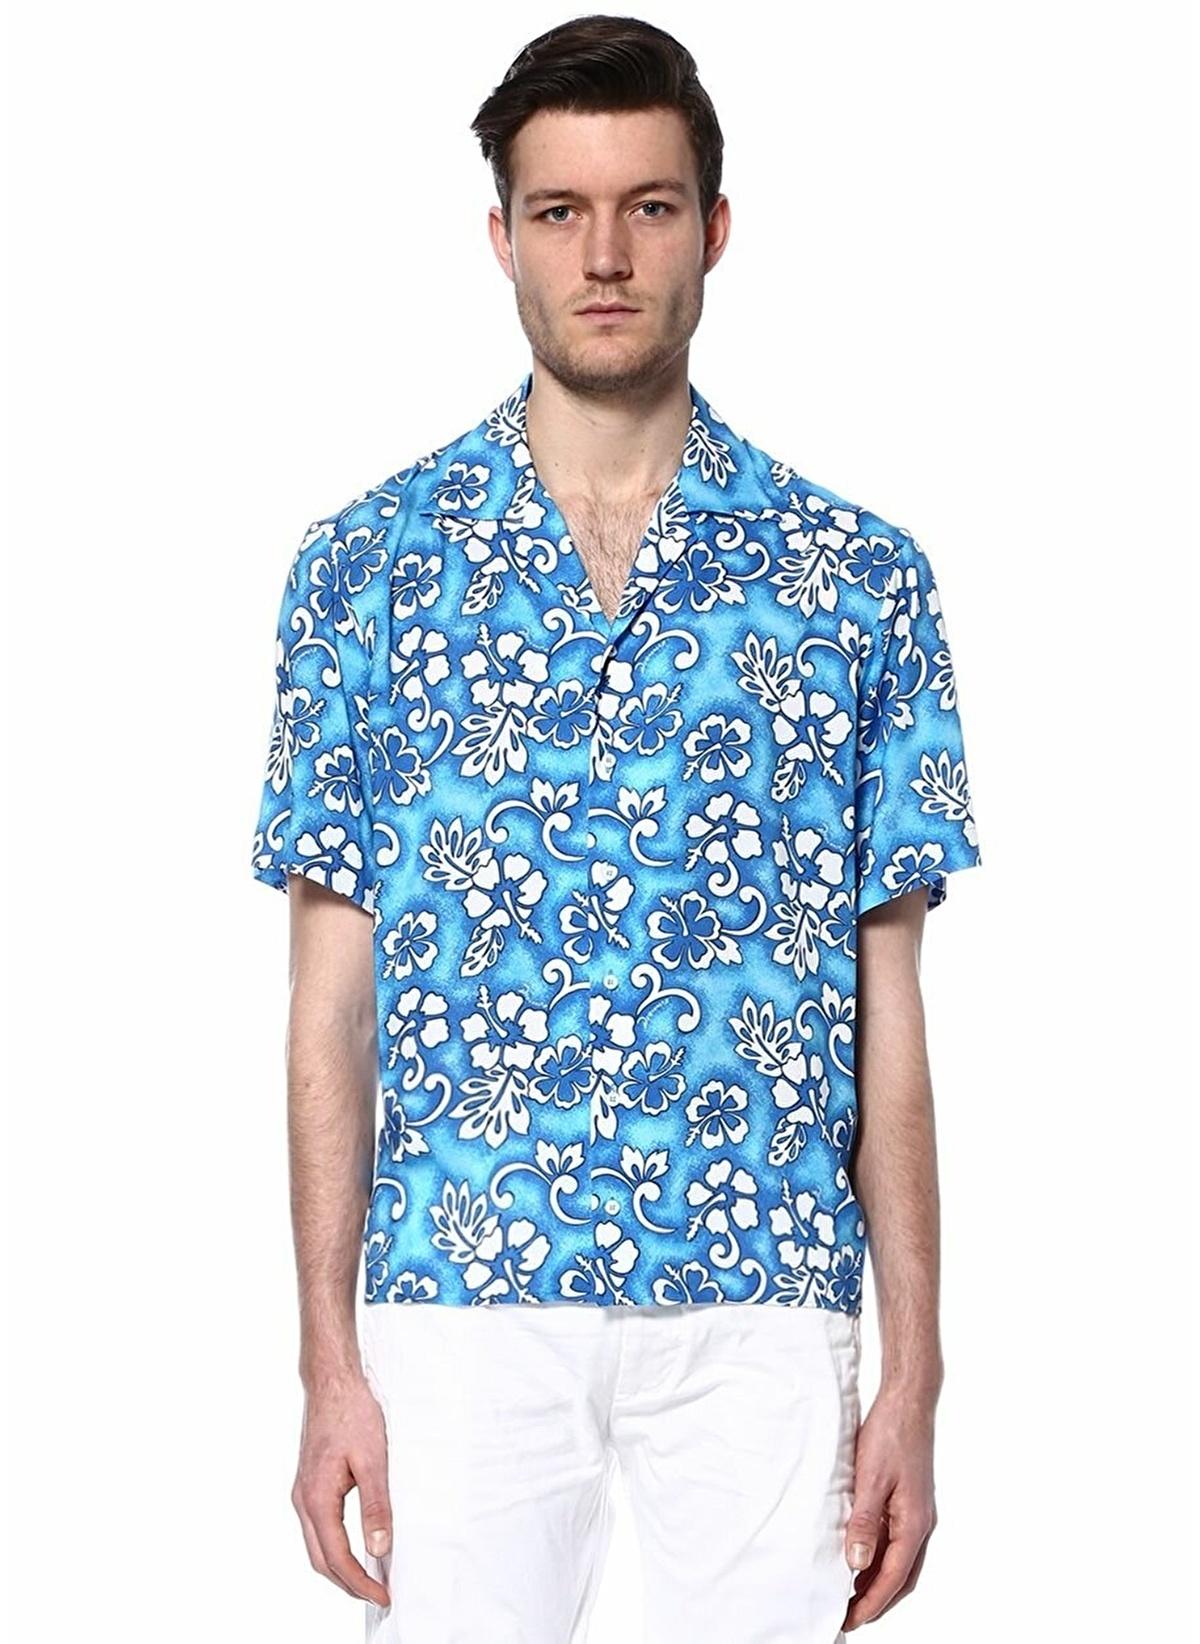 08235516c2c80 Dsquared2 Erkek Çiçek Desenli Kısa Kollu Gömlek Mavi-Beyaz   Morhipo ...